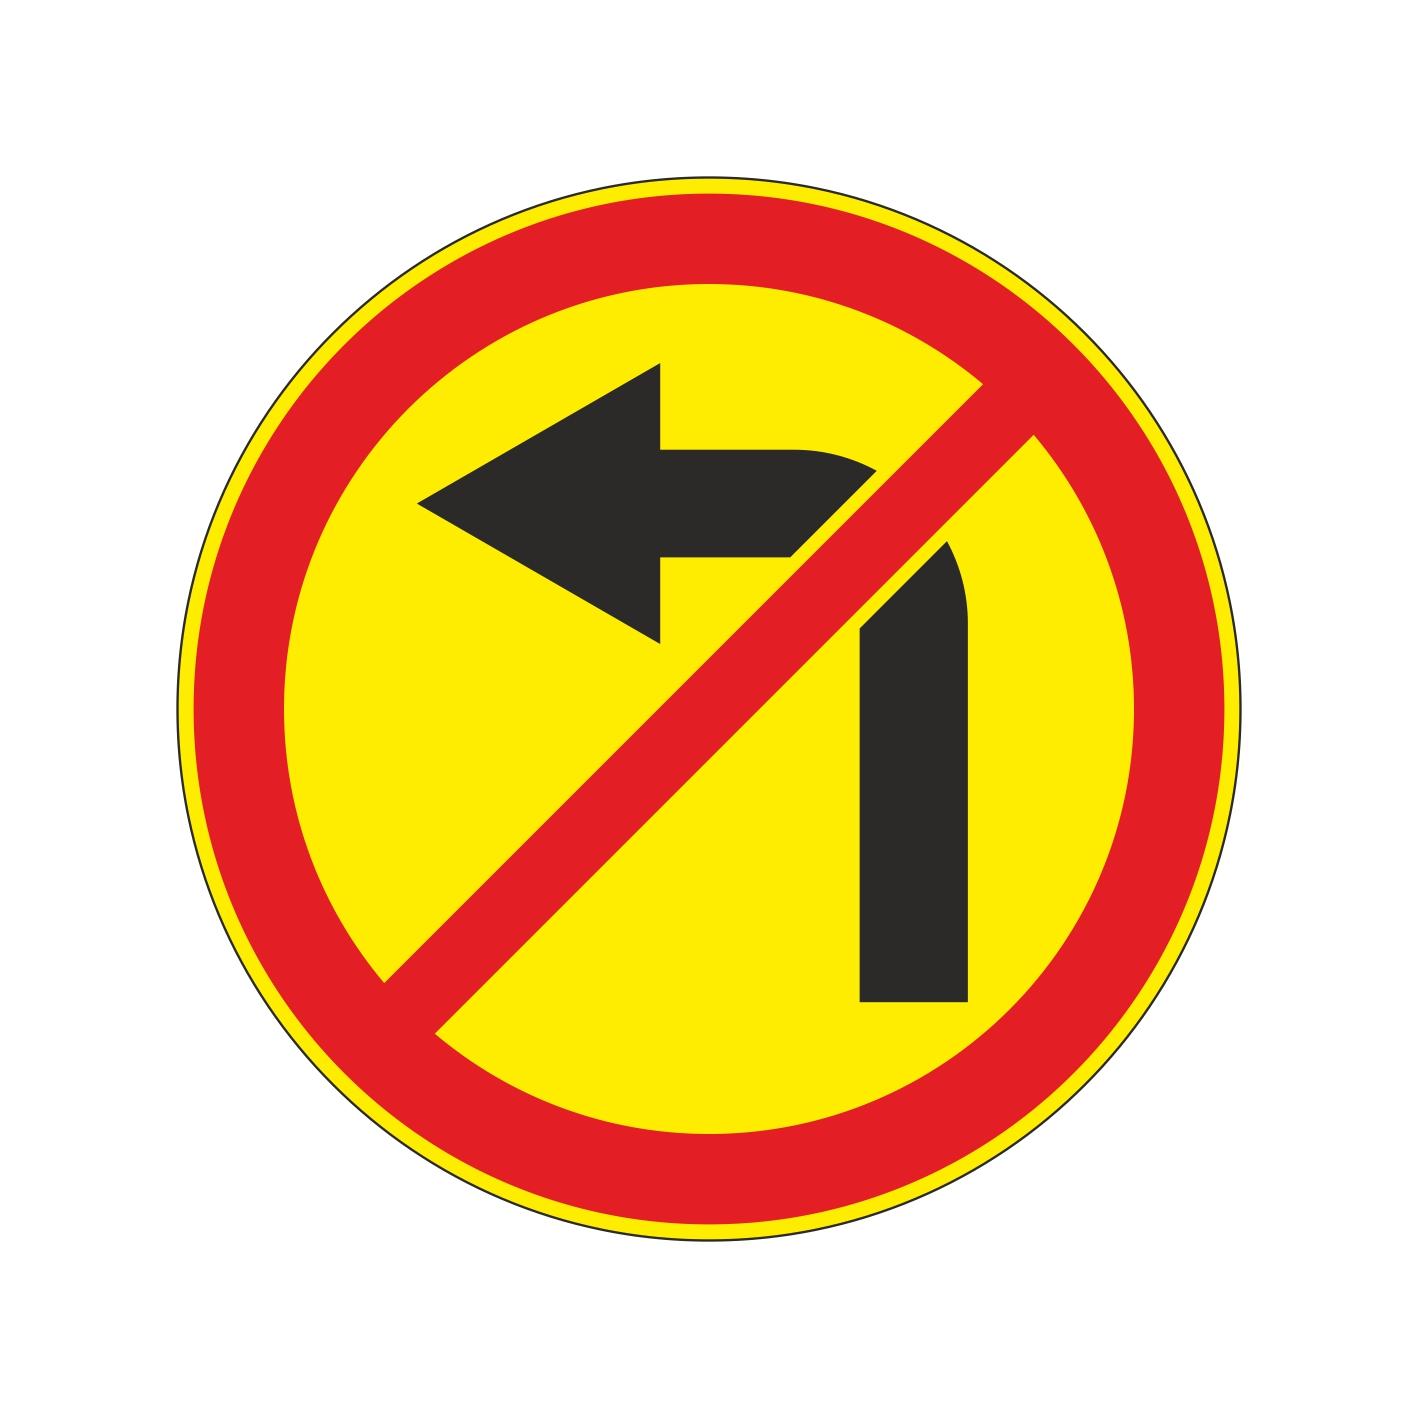 3.18.2 (временный) Поворот налево запрещен